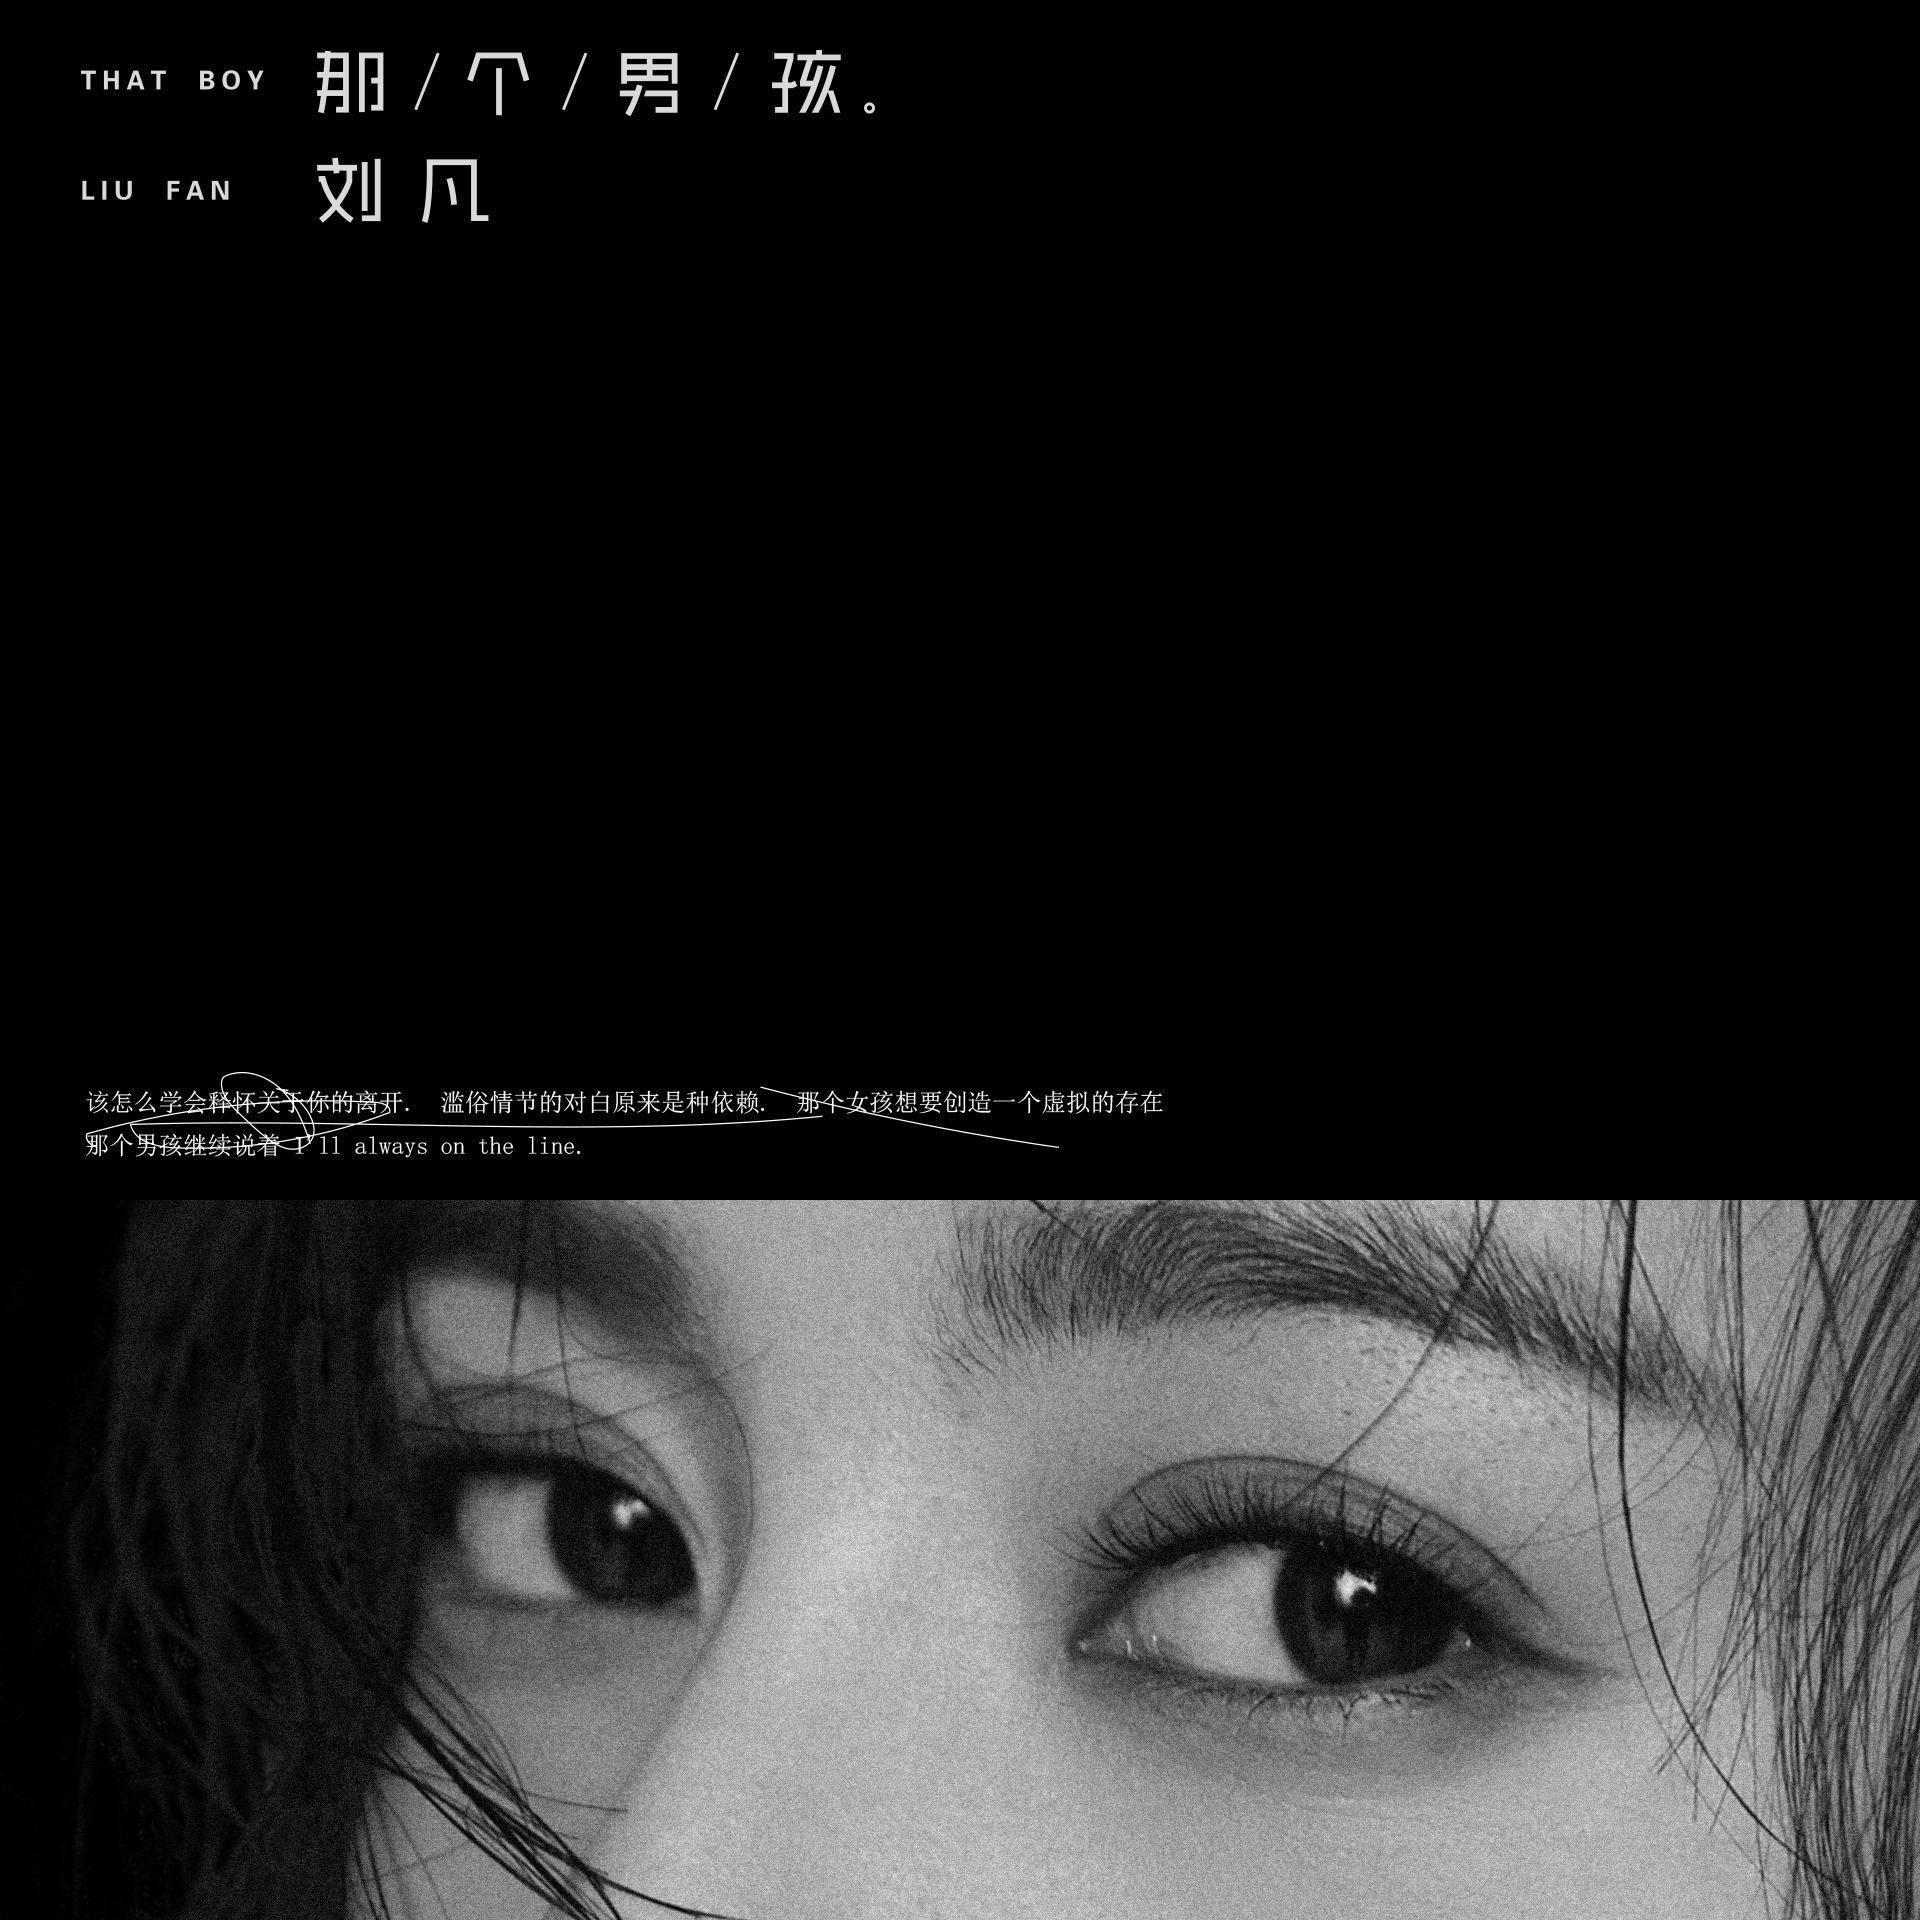 95后唱作人刘凡《那个男孩》情人节上线